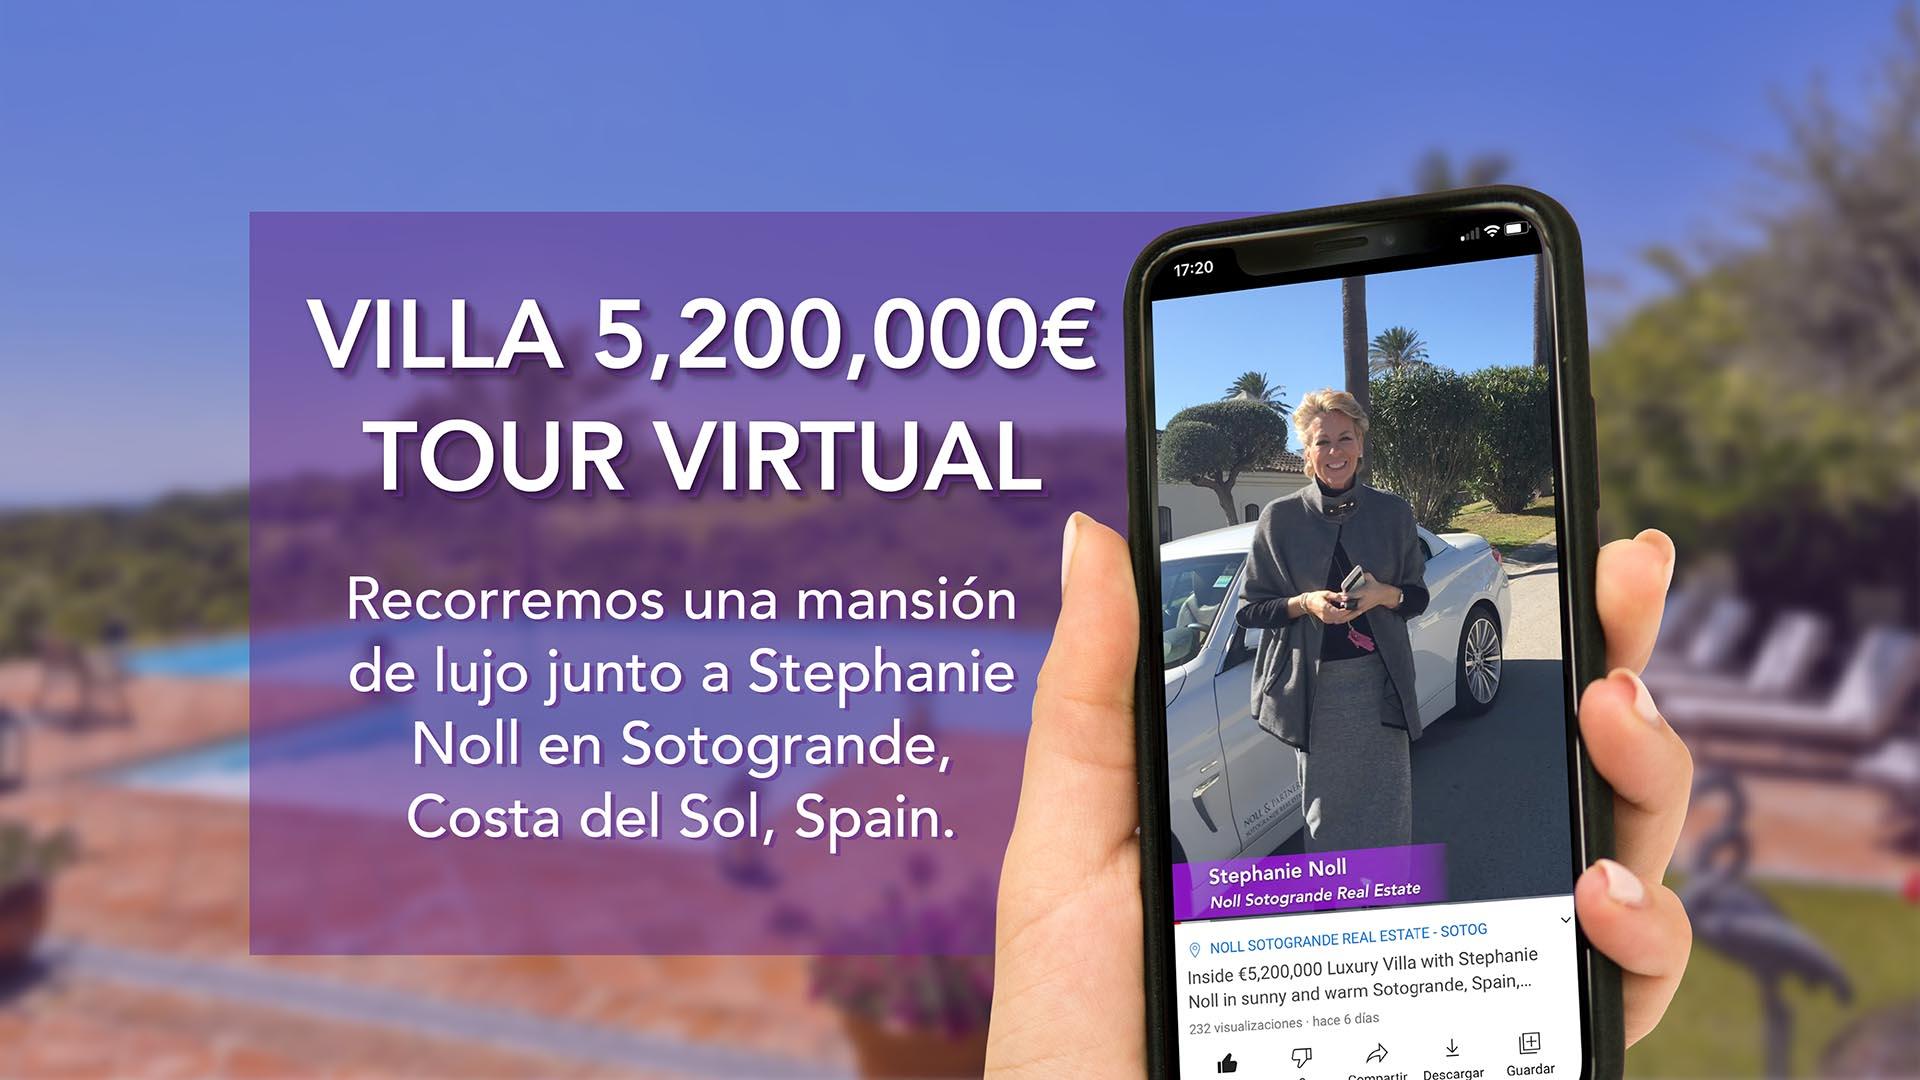 Recorremos una mansión de lujo de 5.200.000€ con Stephanie Noll en el soleado invierno de Sotogrande - Ref. NP01200